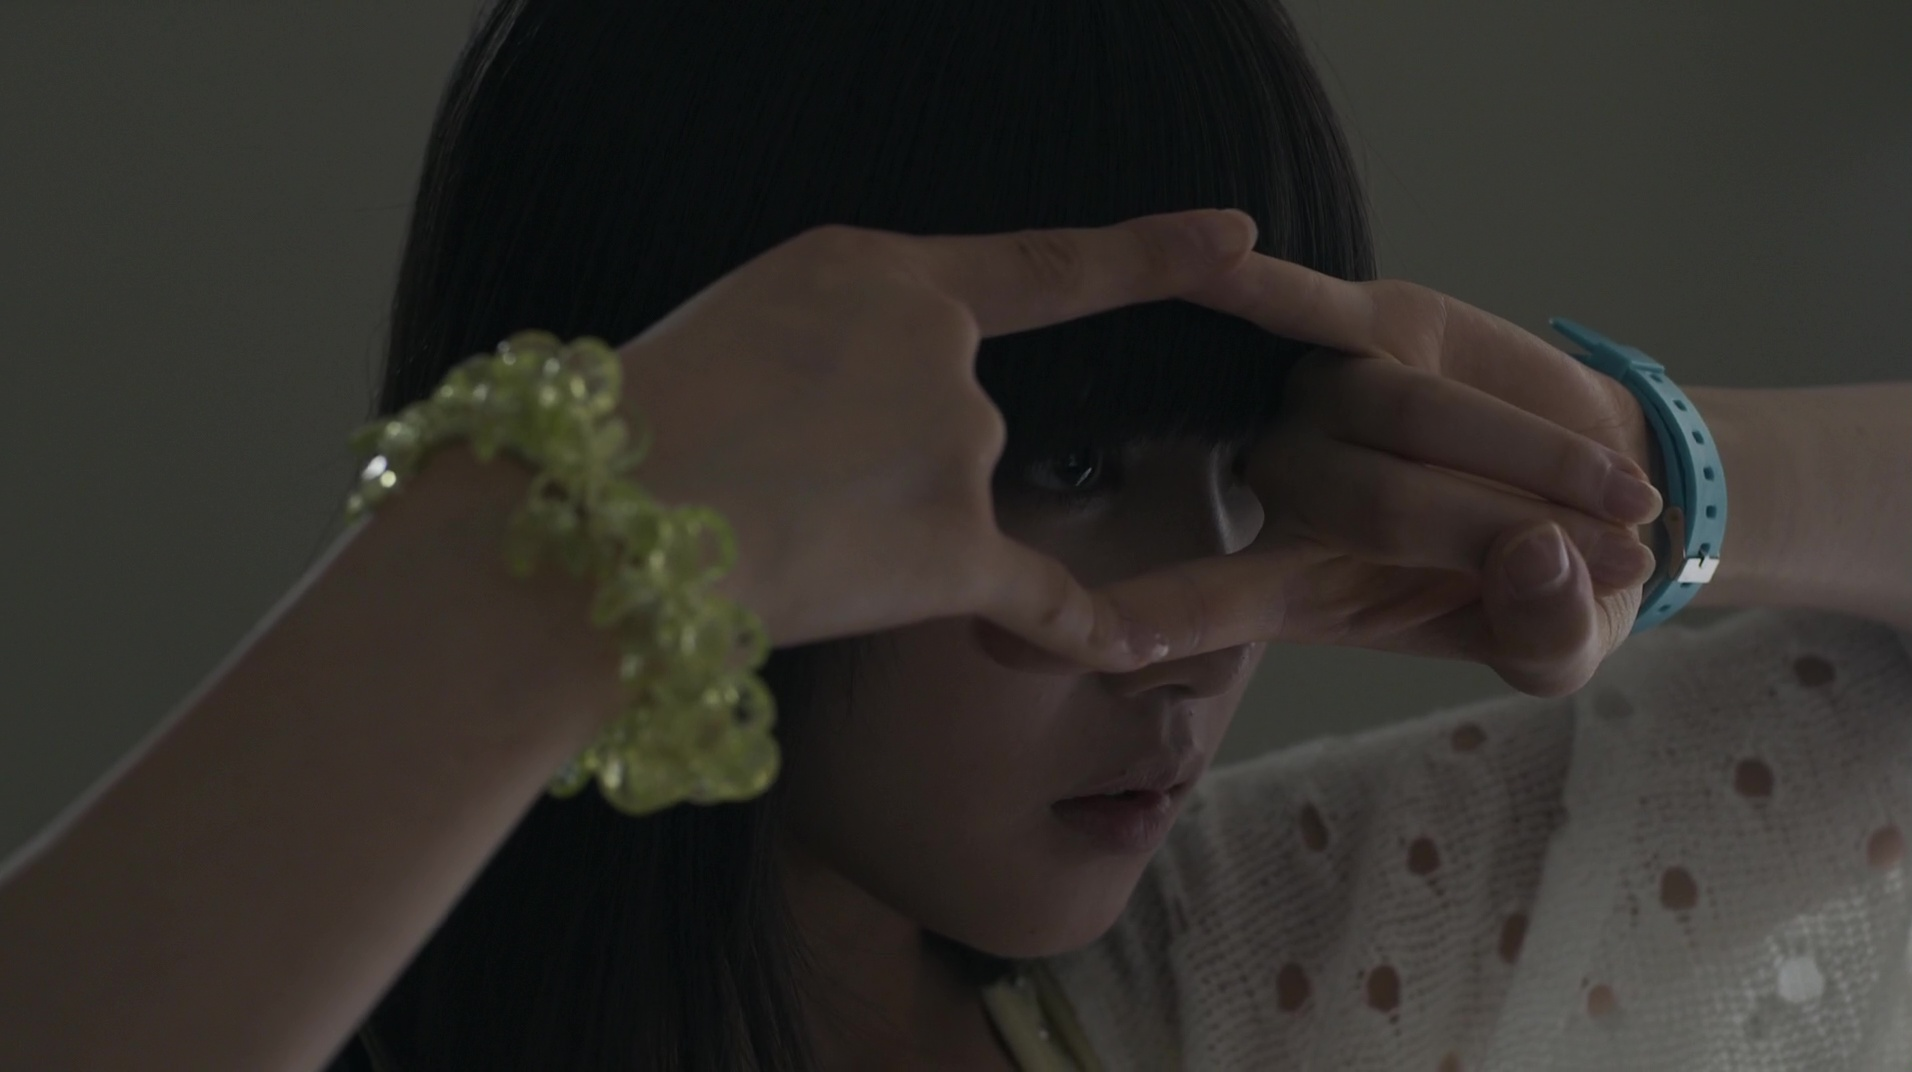 KOTODAMA – THE SPIRITUAL CURSE (學校怪談:被詛咒的靈魂) de Ochiai Masayuki (2014)